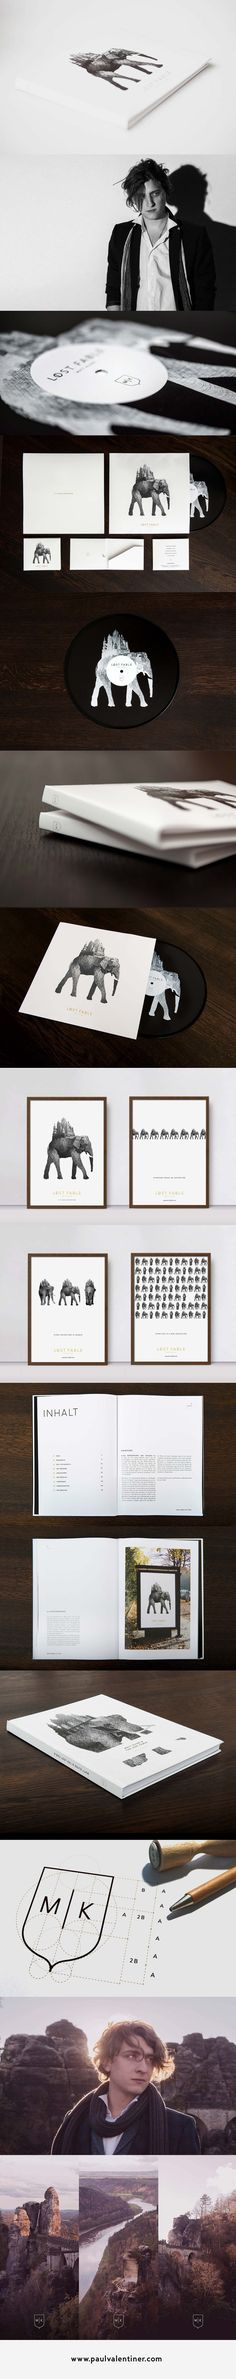 Branding - Matt Klyne